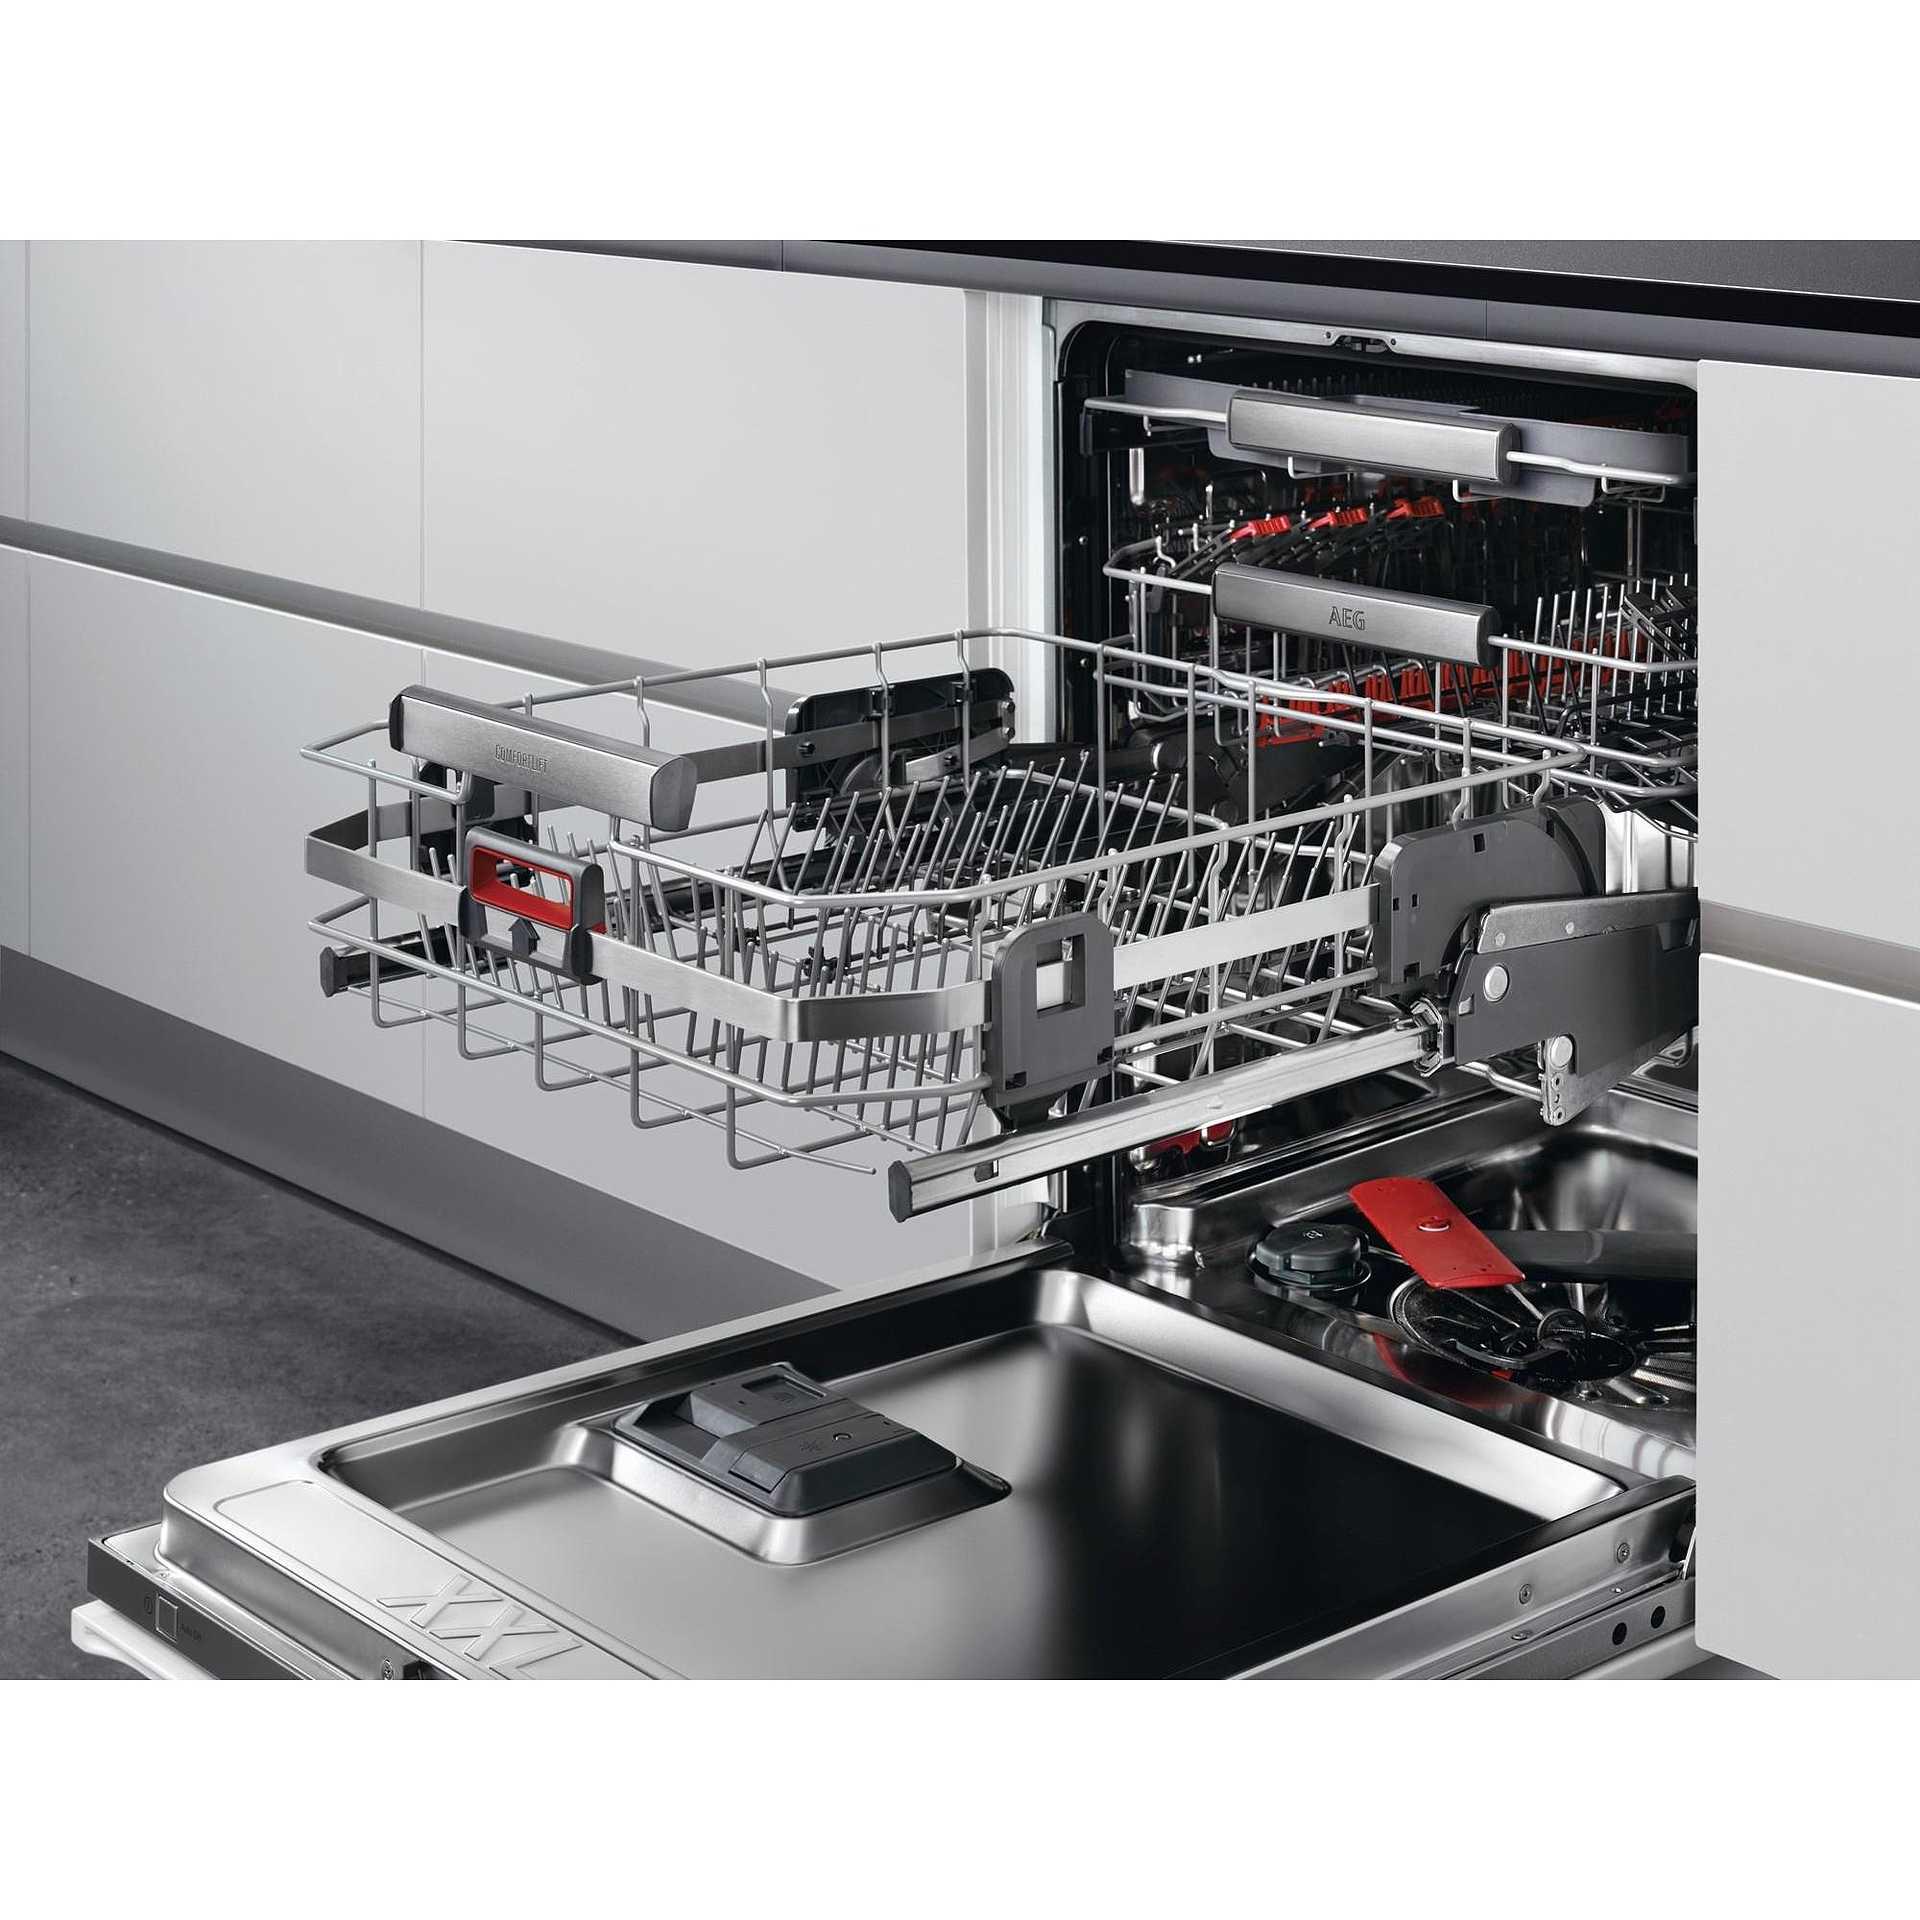 AEG FSE83810P lavastoviglie da incasso 13 coperti 8 ...